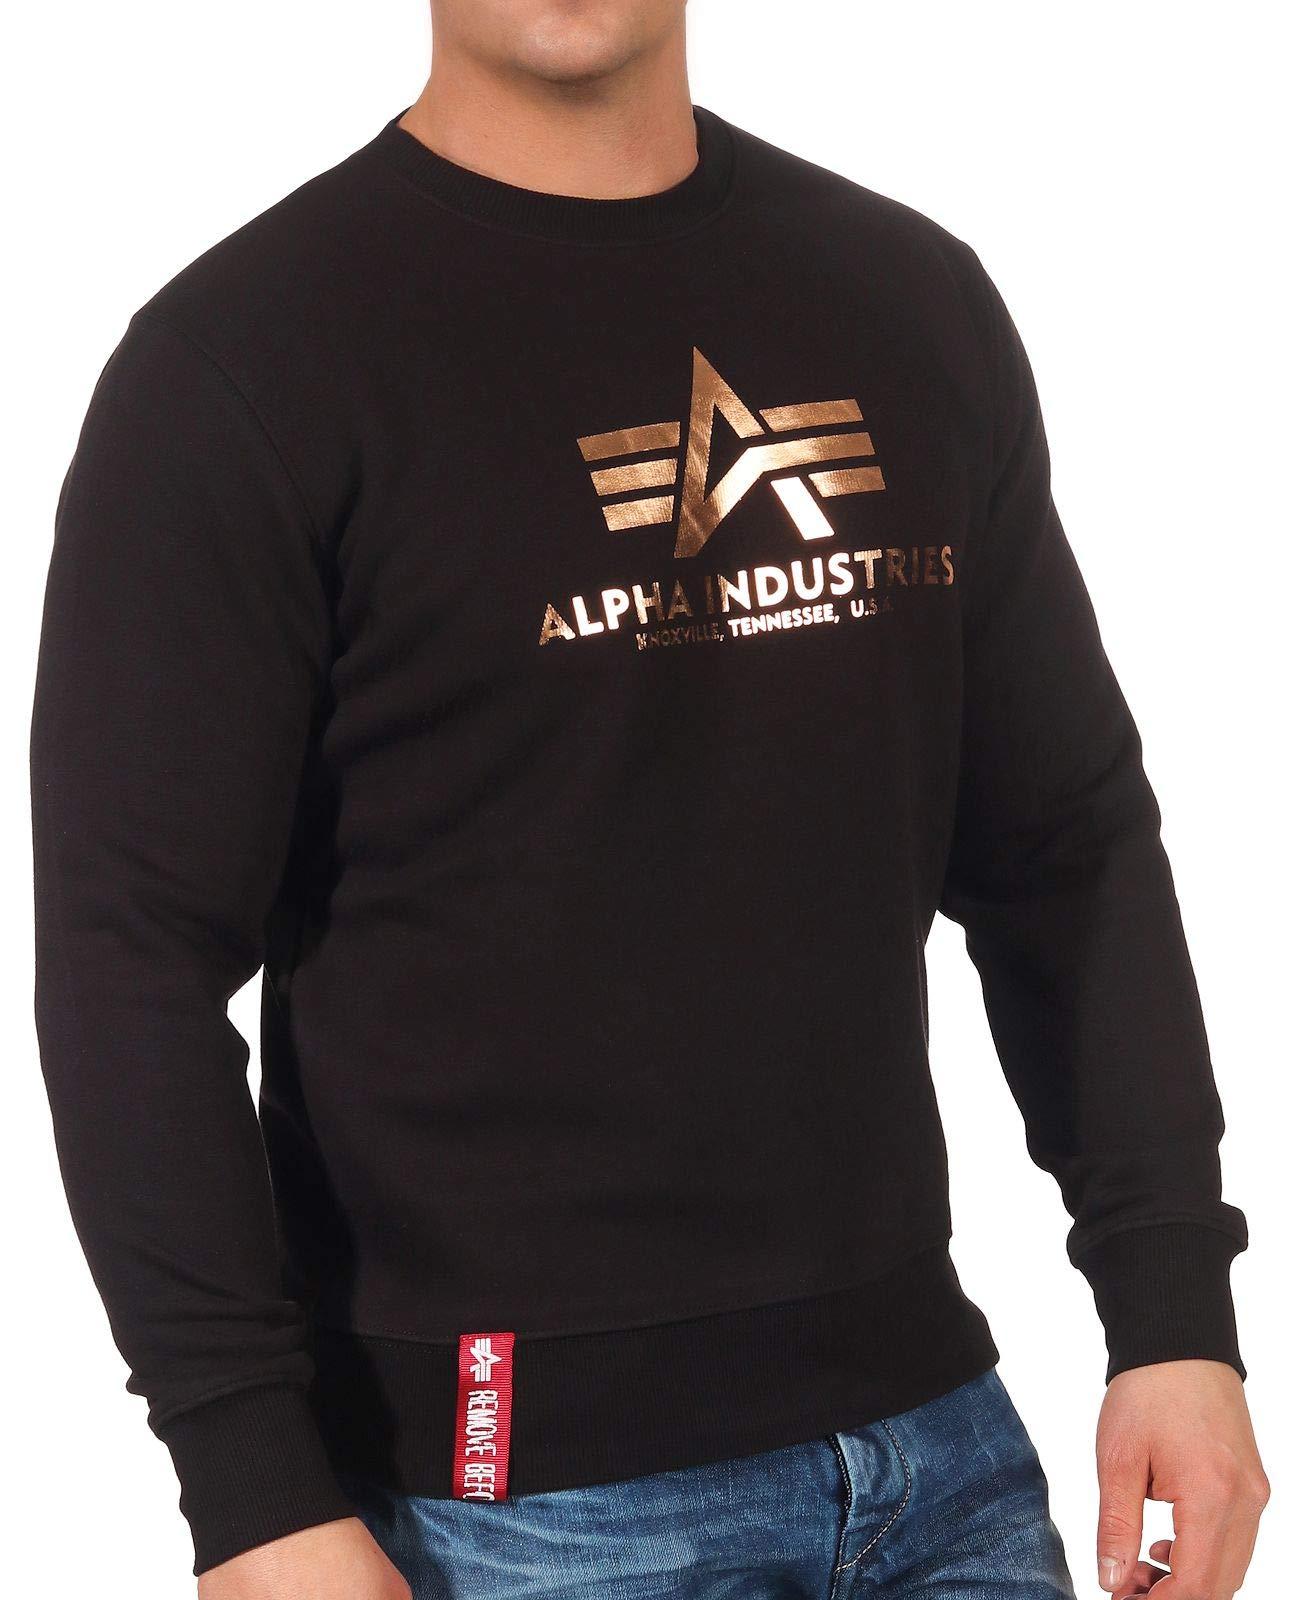 Vorsichtig 2019 Neue Marke Neue Männer Polo Shirt Männer Kurzarm Baumwolle Shirt Trikots Polo Shirts Herren Polo-shirt Marken Herausragende Eigenschaften Mutter & Kinder